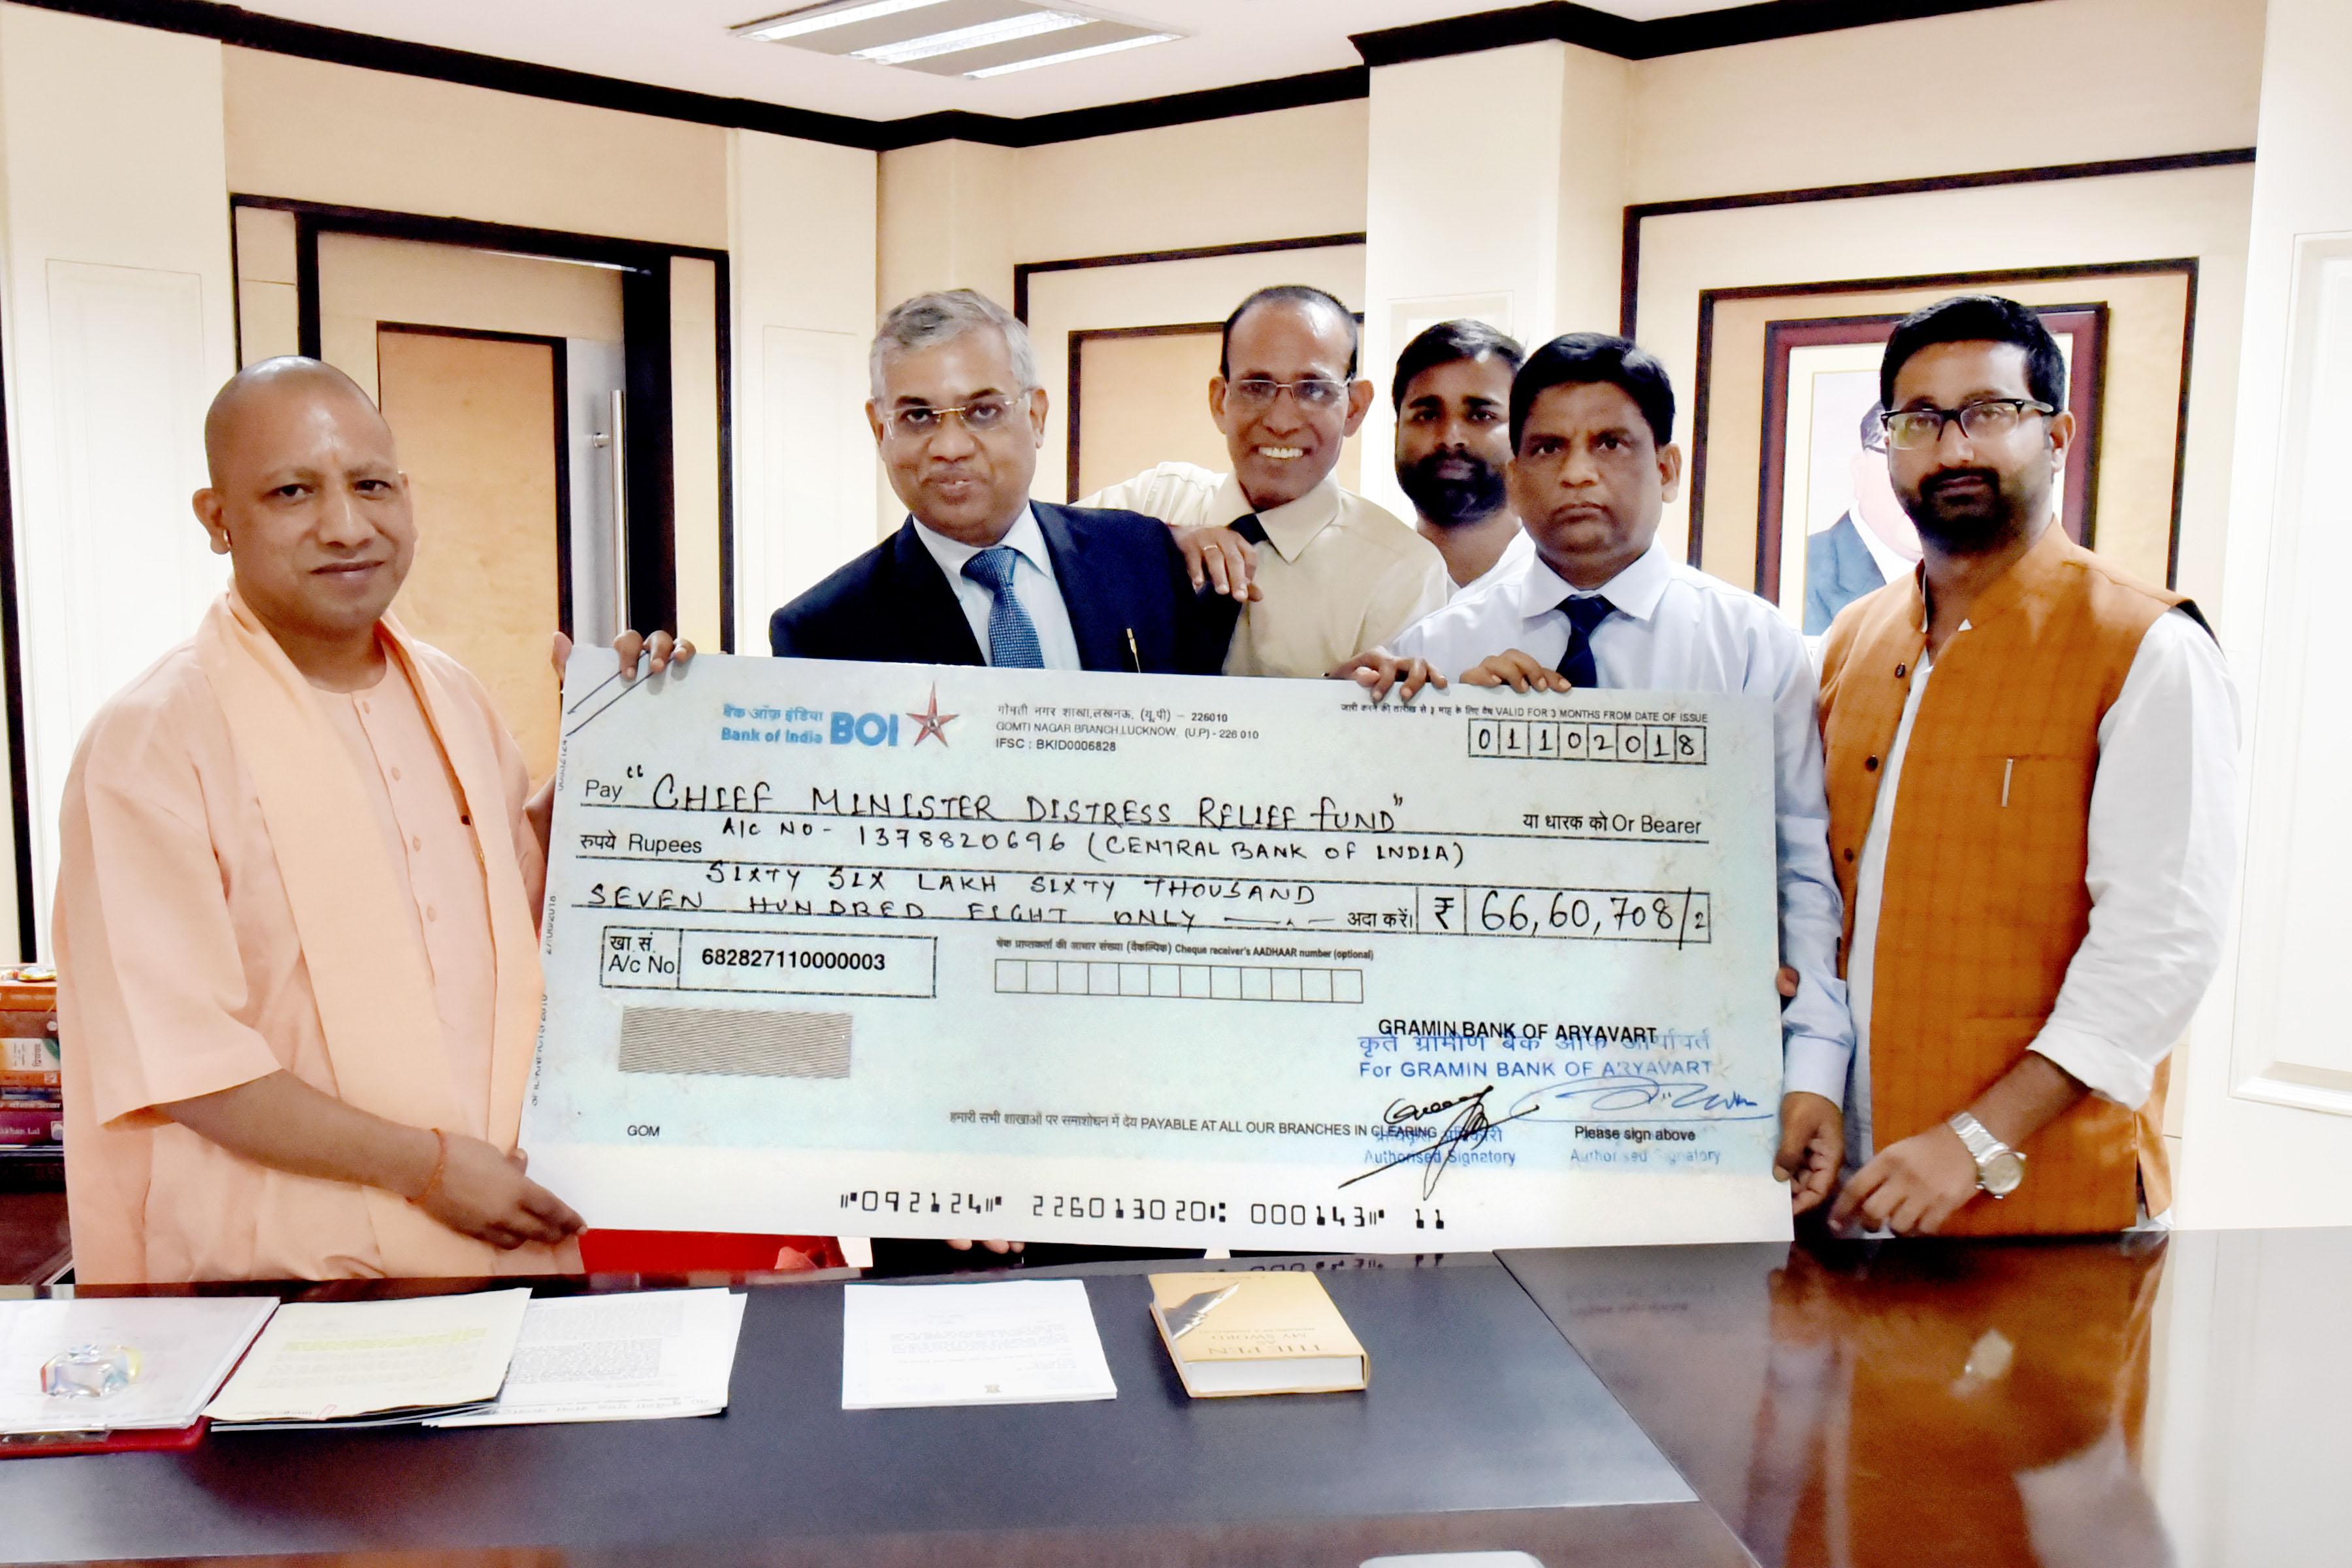 मुख्यमंत्री को केरल राज्य में बाढ़ से प्रभावित व्यक्तियों/परिवारों के सहायतार्थ 66 लाख 60 हजार 708 रु0 का चेक भेंट किया गया